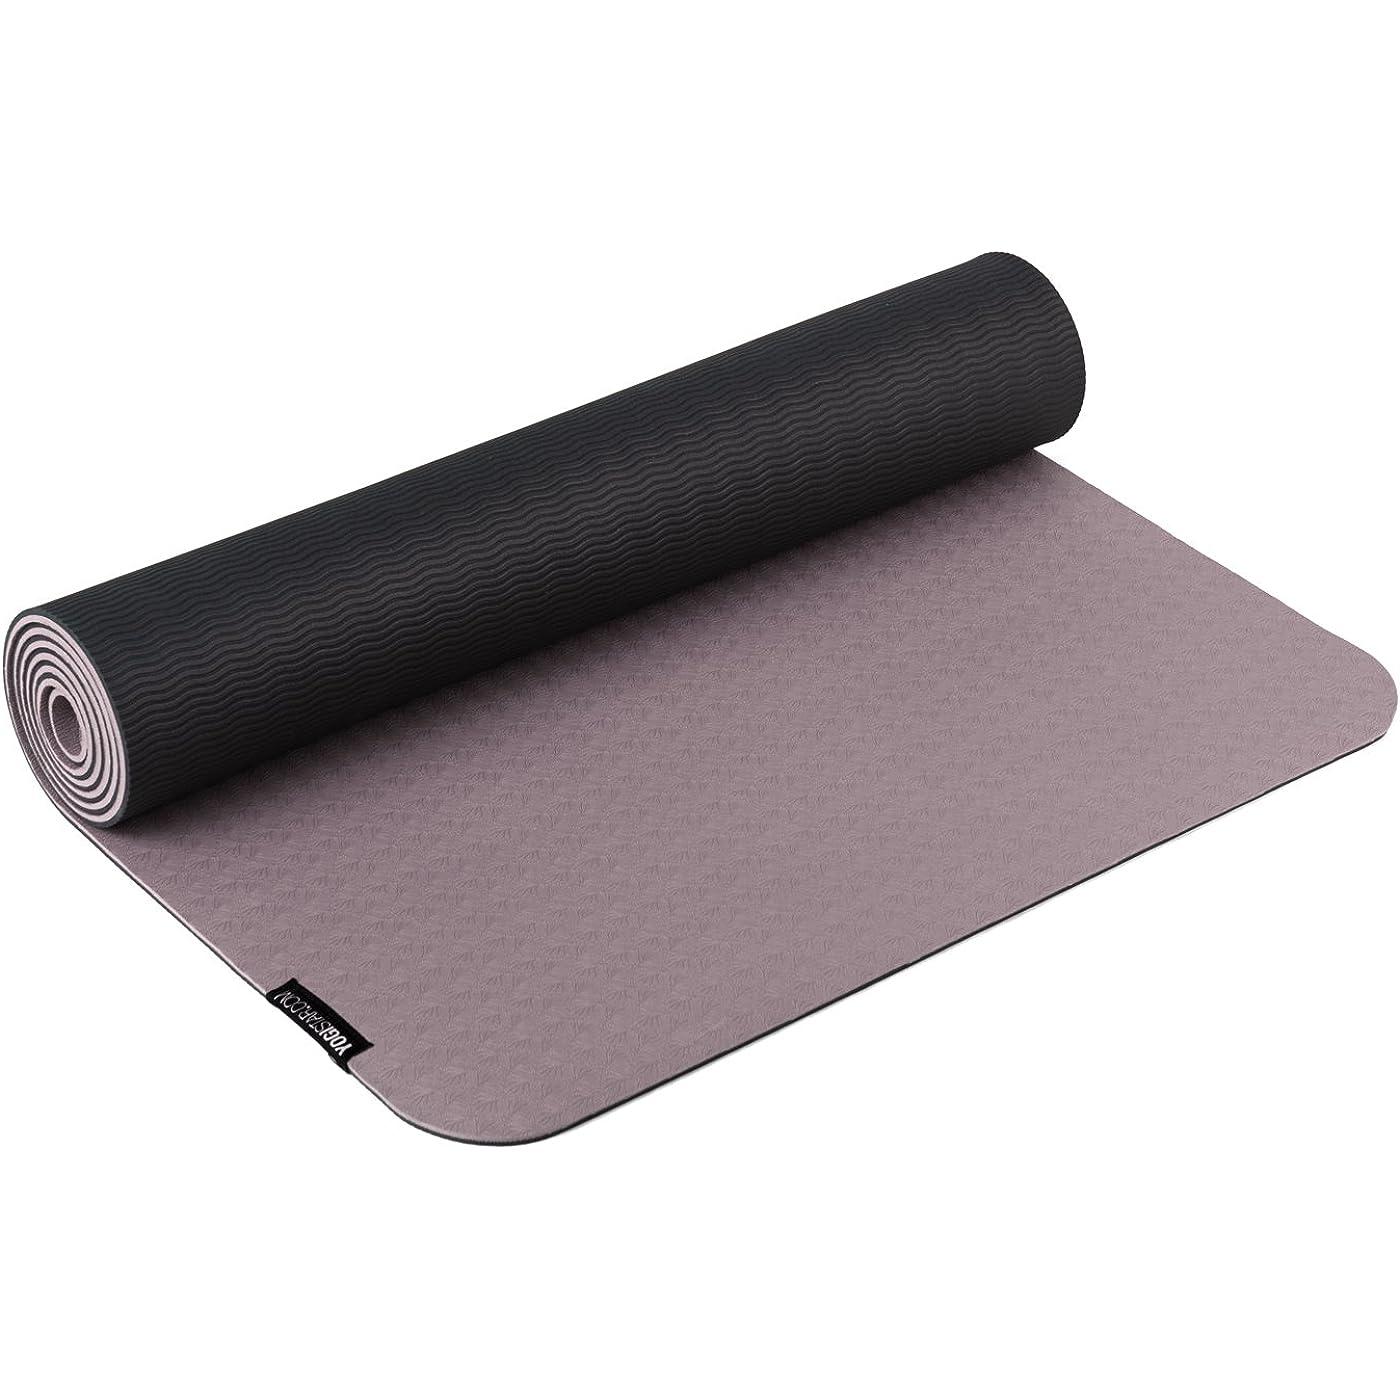 Wenn Sie nach einer guten Yogamatte suchen, werden Sie bei der Marke Yogistar fündig.